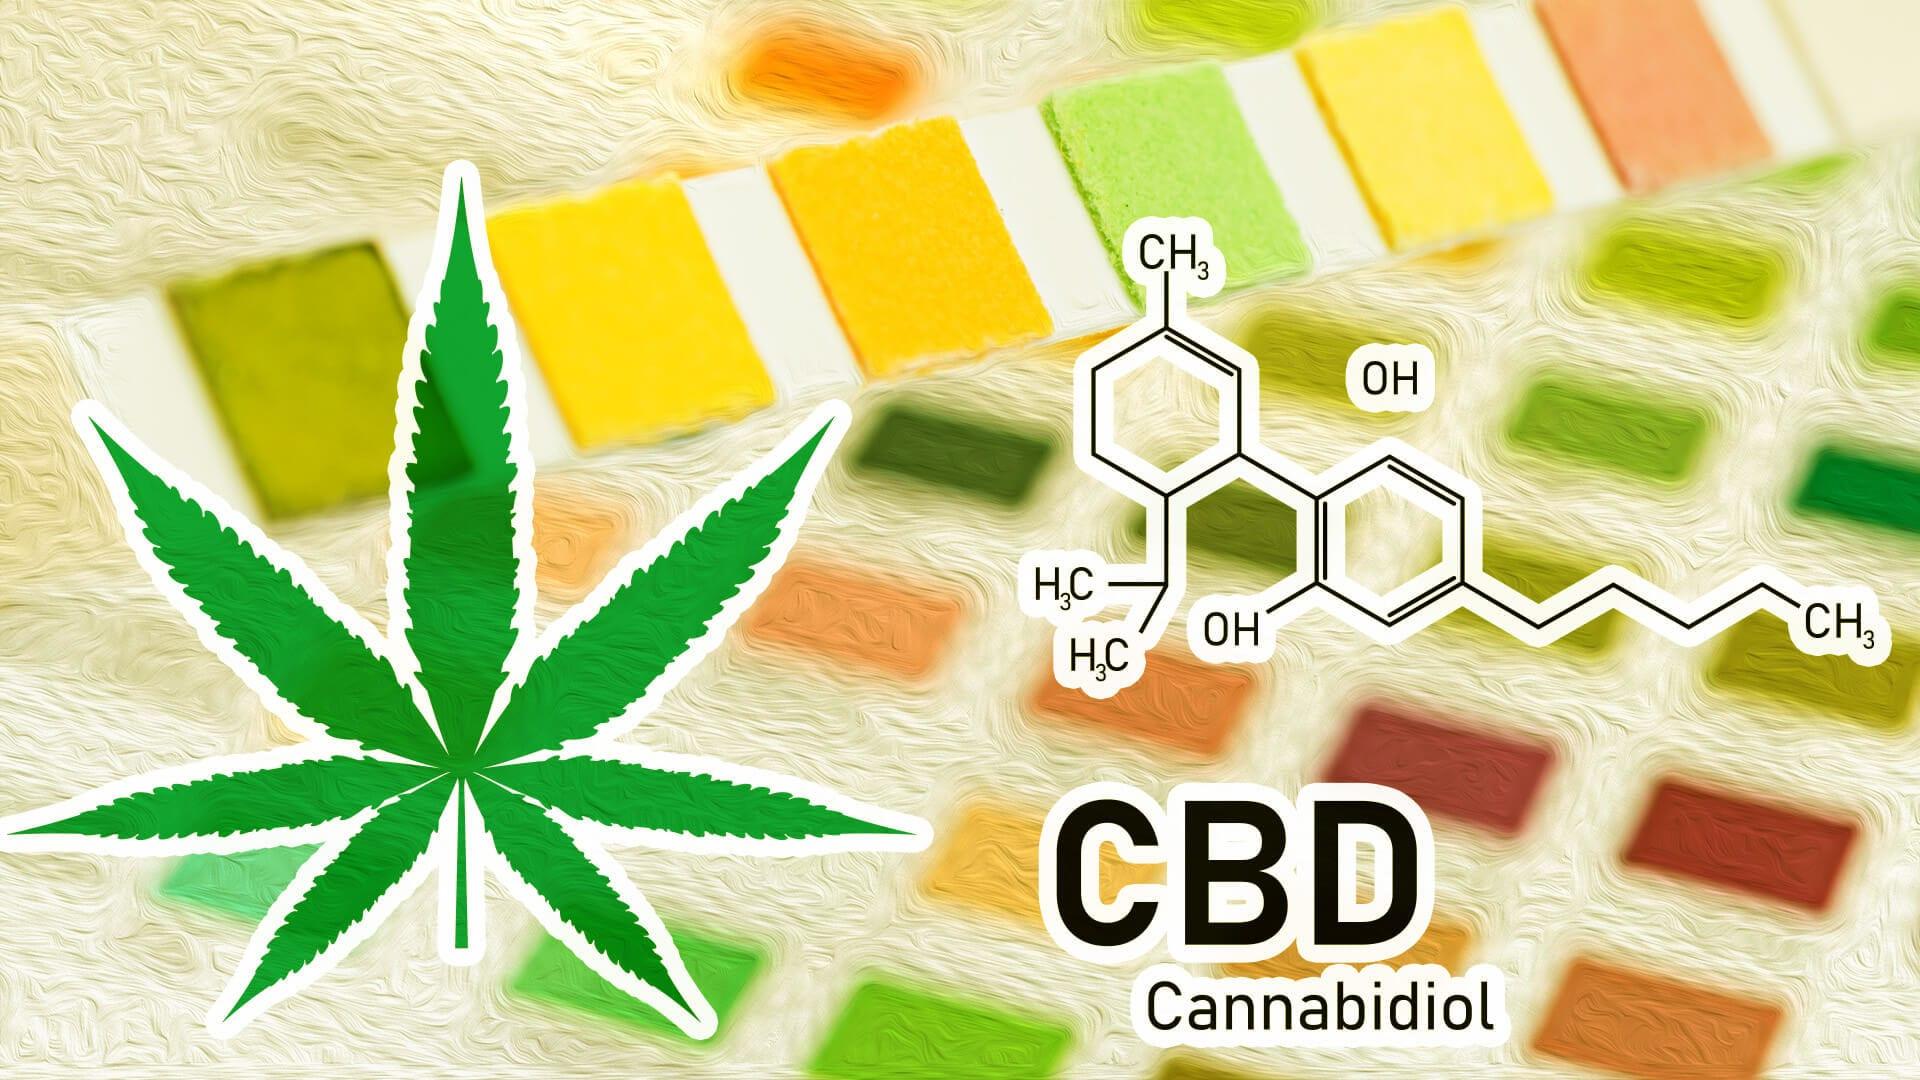 Does CBD Show Up On Drug Tests? Source: Wikileaf